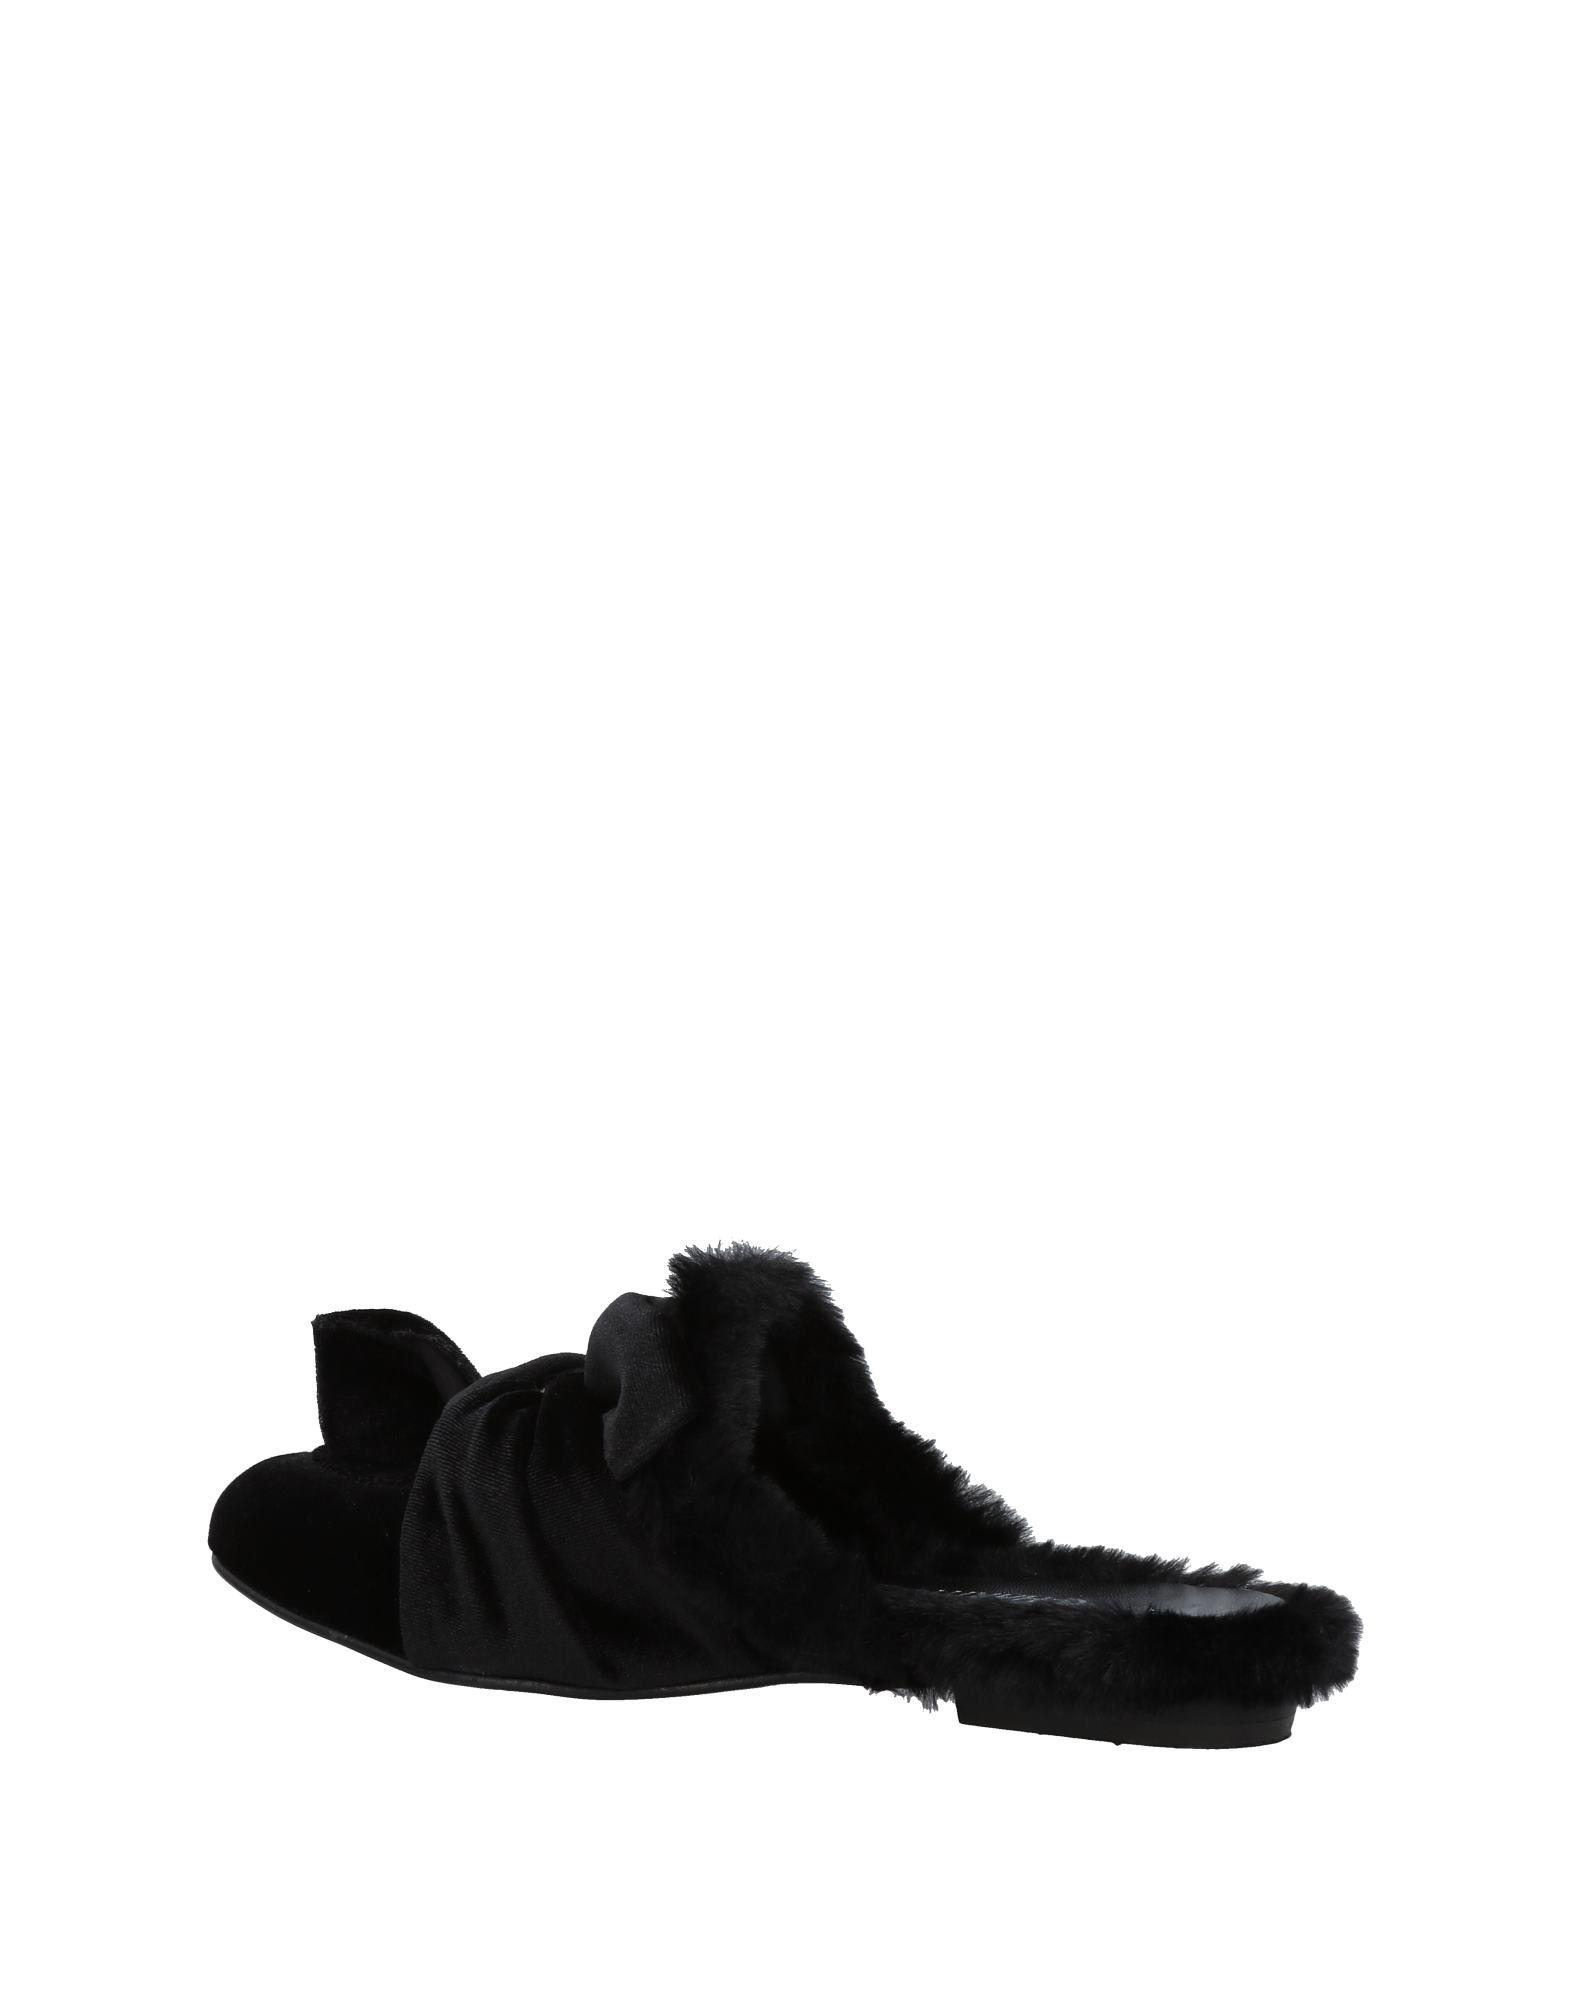 Charme Pantoletten Damen Damen Damen 11454819OQ Gute Qualität beliebte Schuhe 195cfd